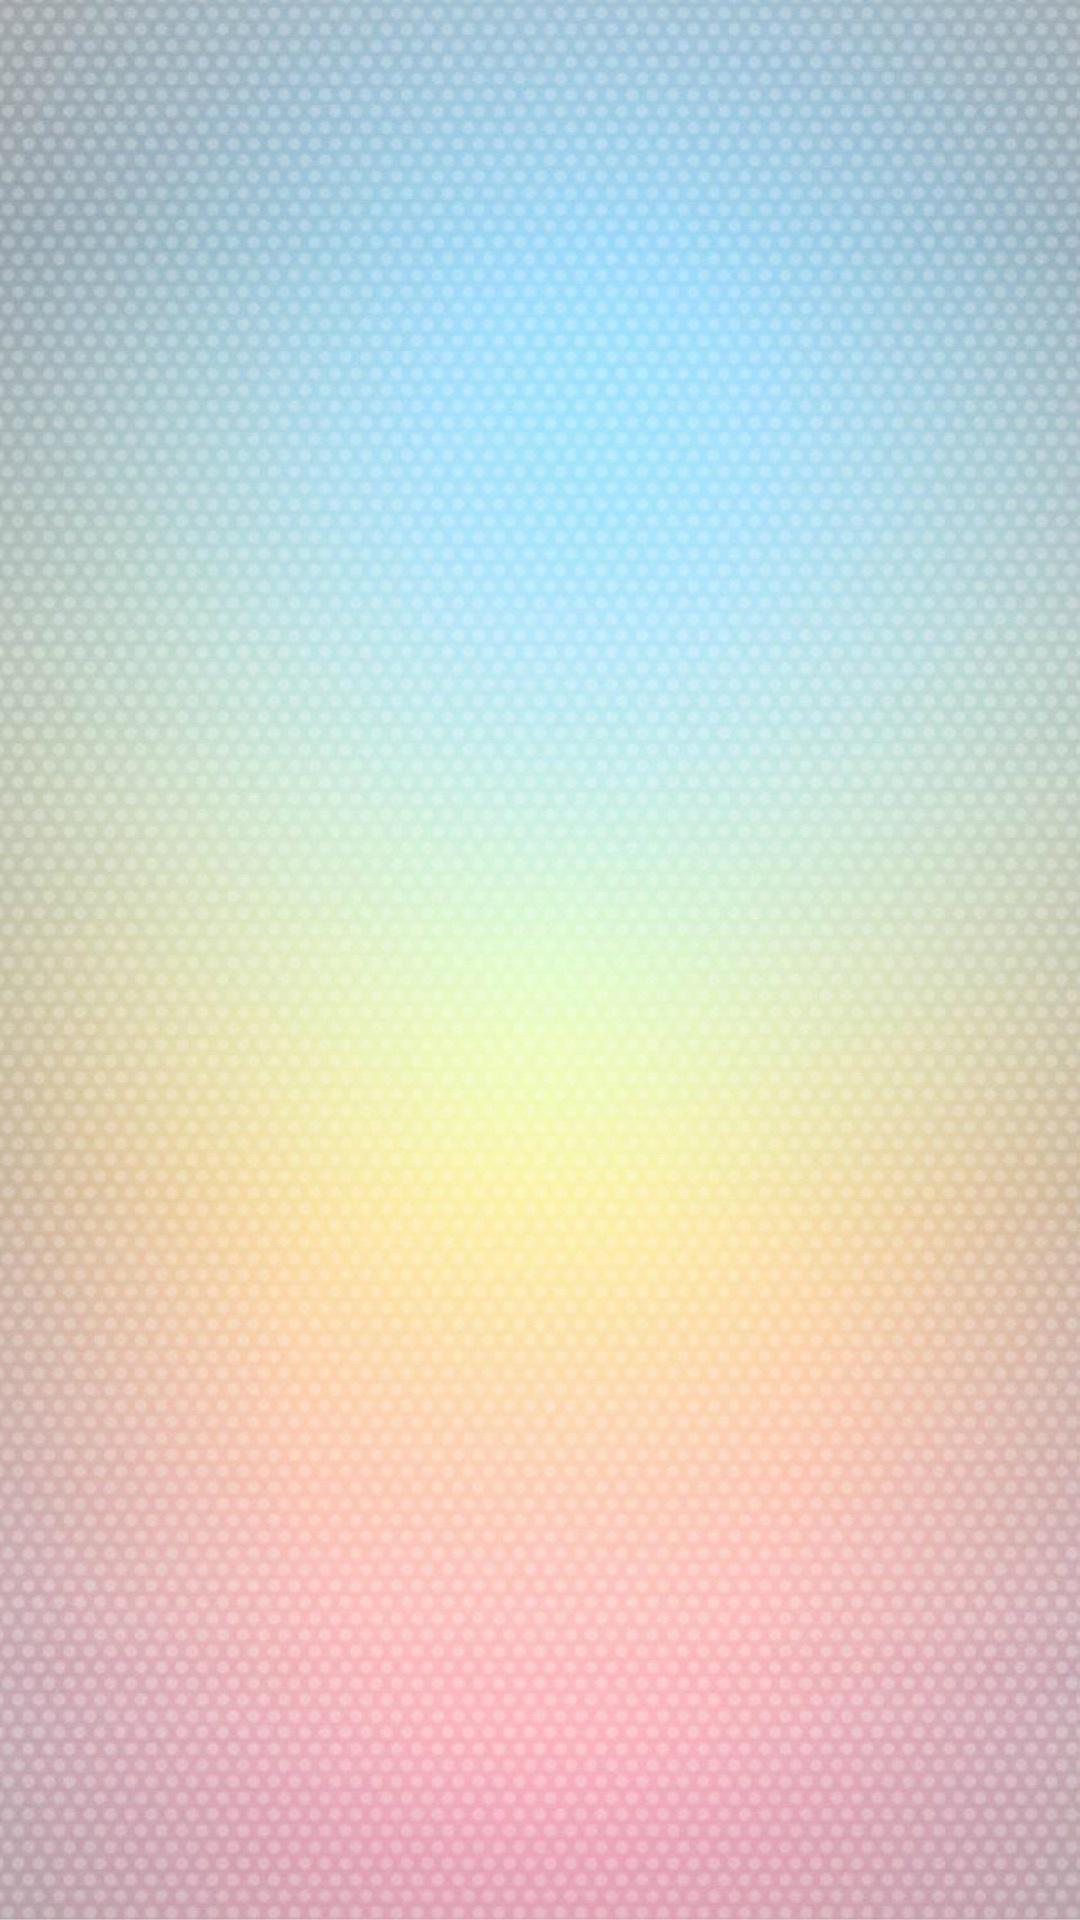 发几张苹果 iPhone 6 Plus壁纸